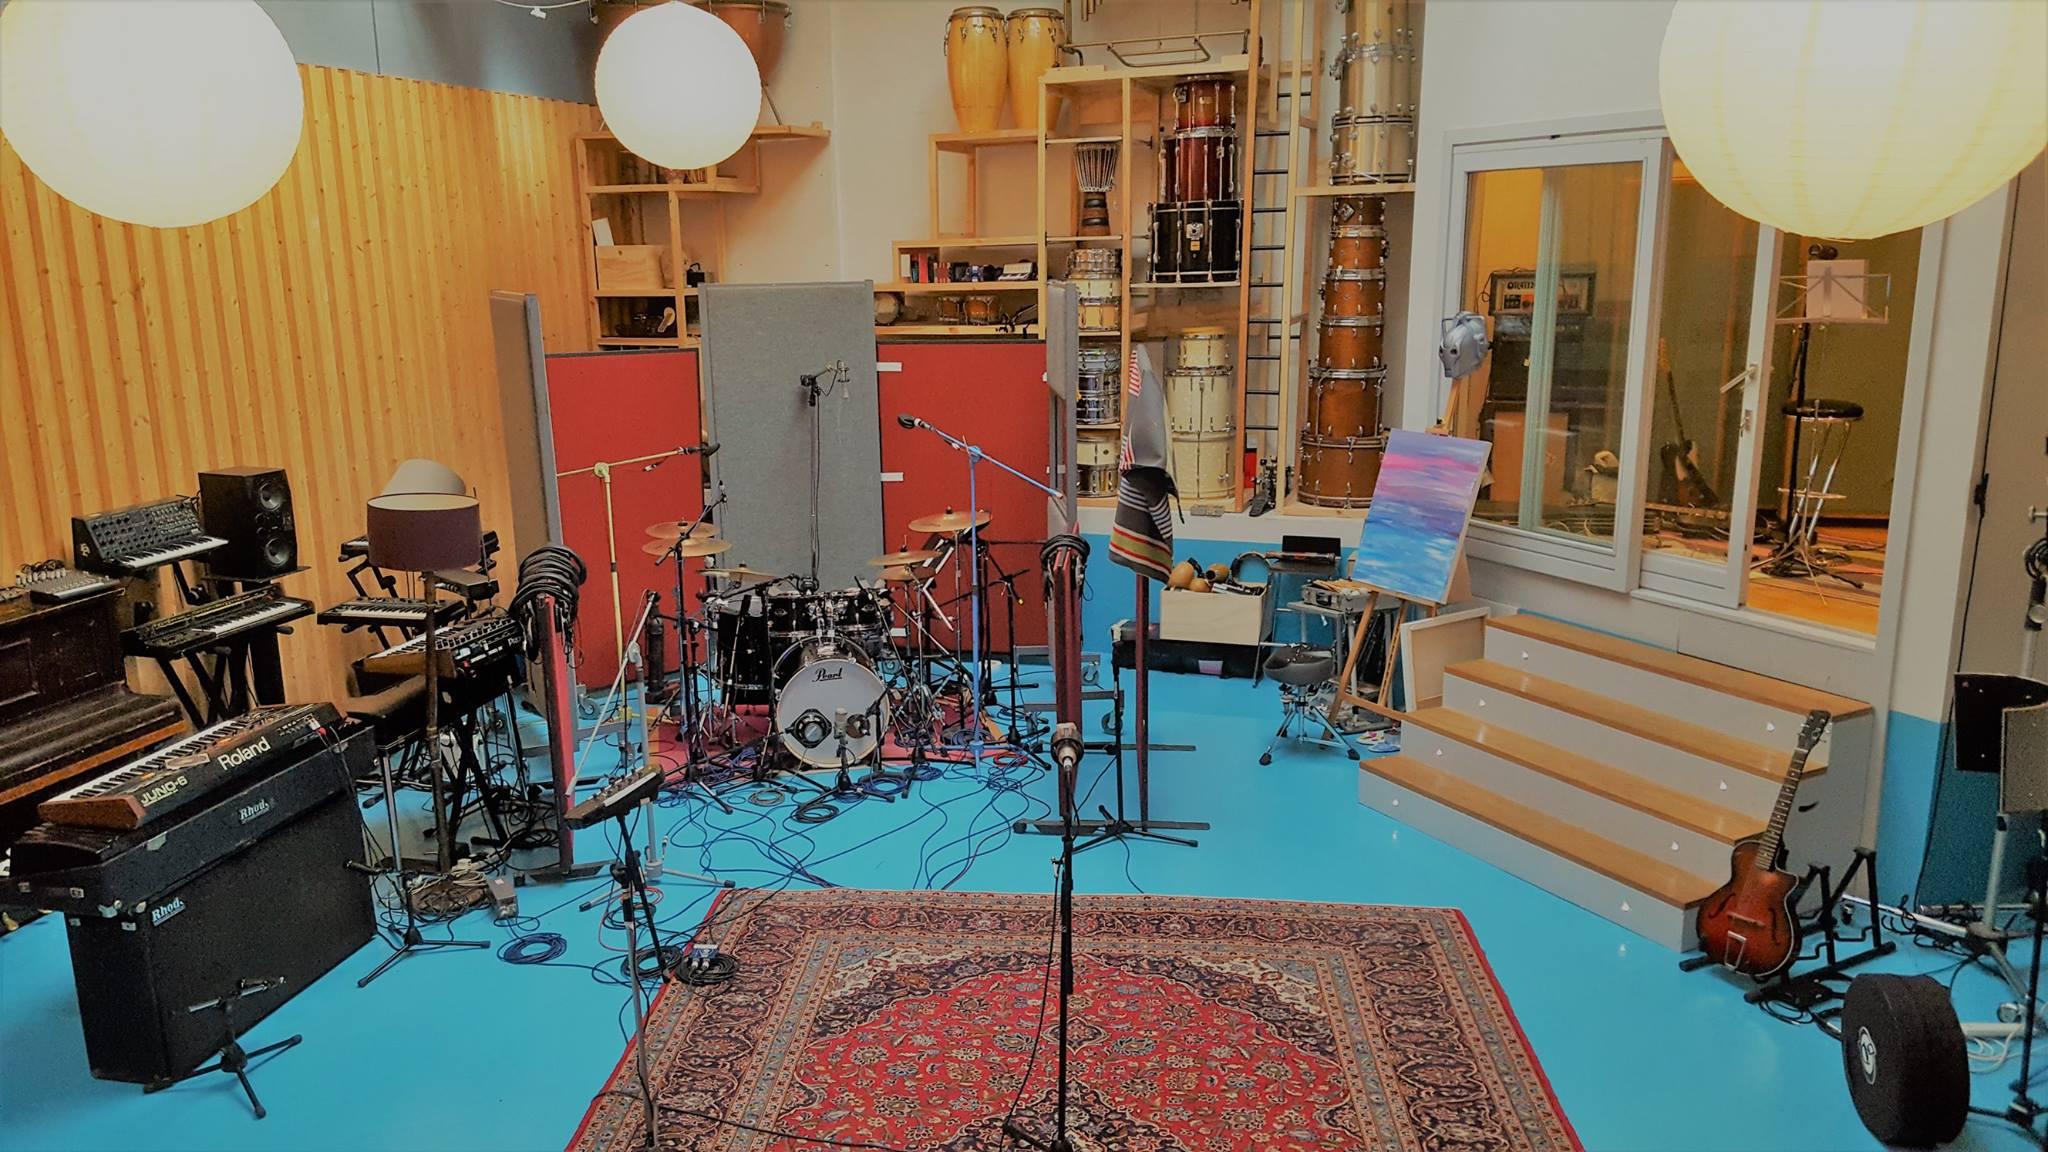 miloco-studios-pool-wide-shot